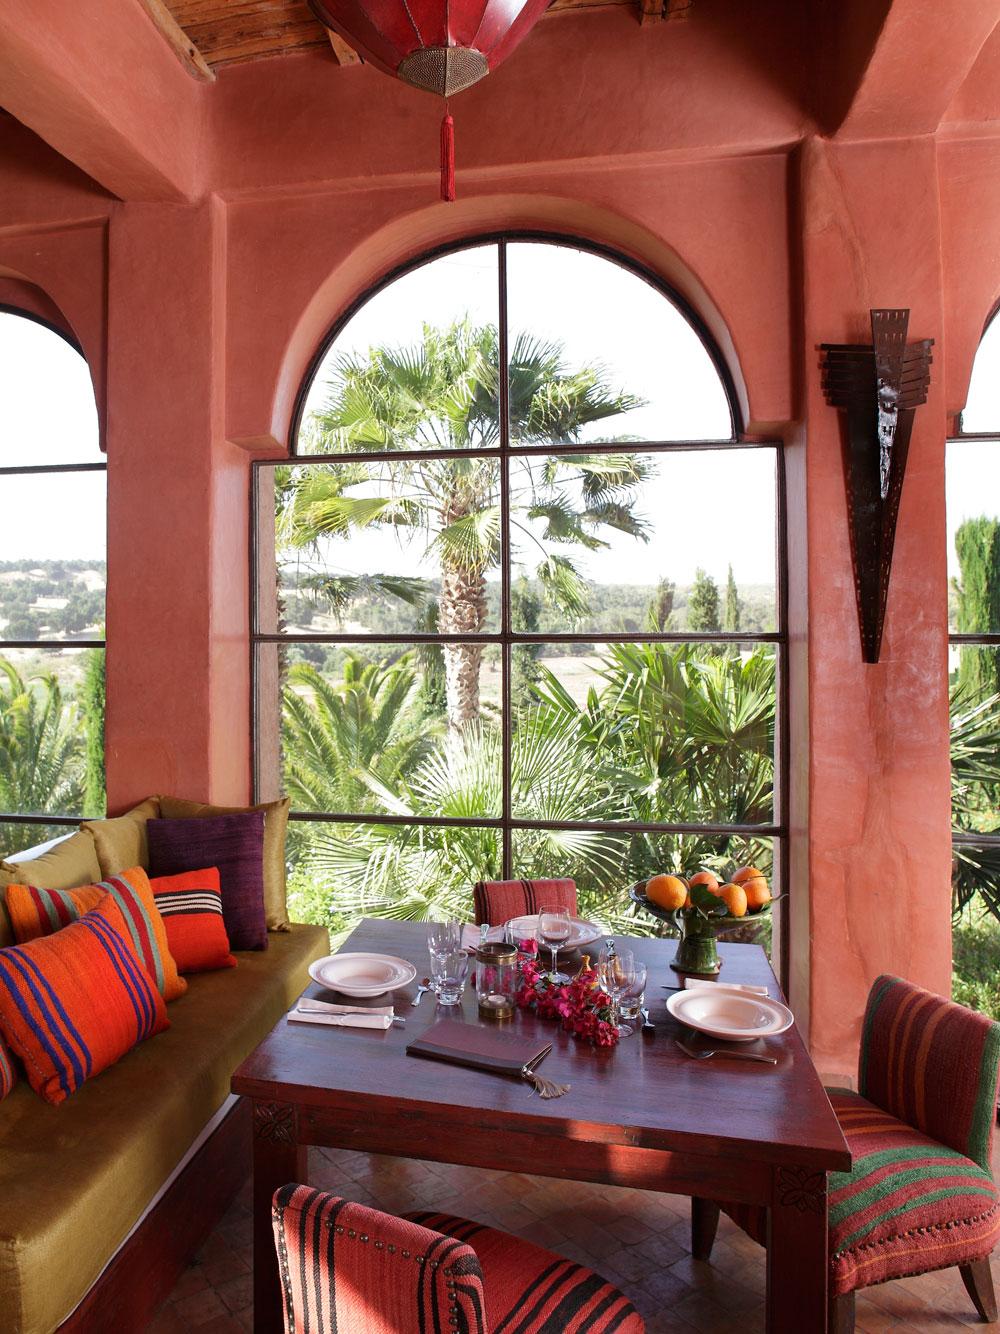 le-jardin-des-douars-hotel-essaouira-morocco-11.jpg